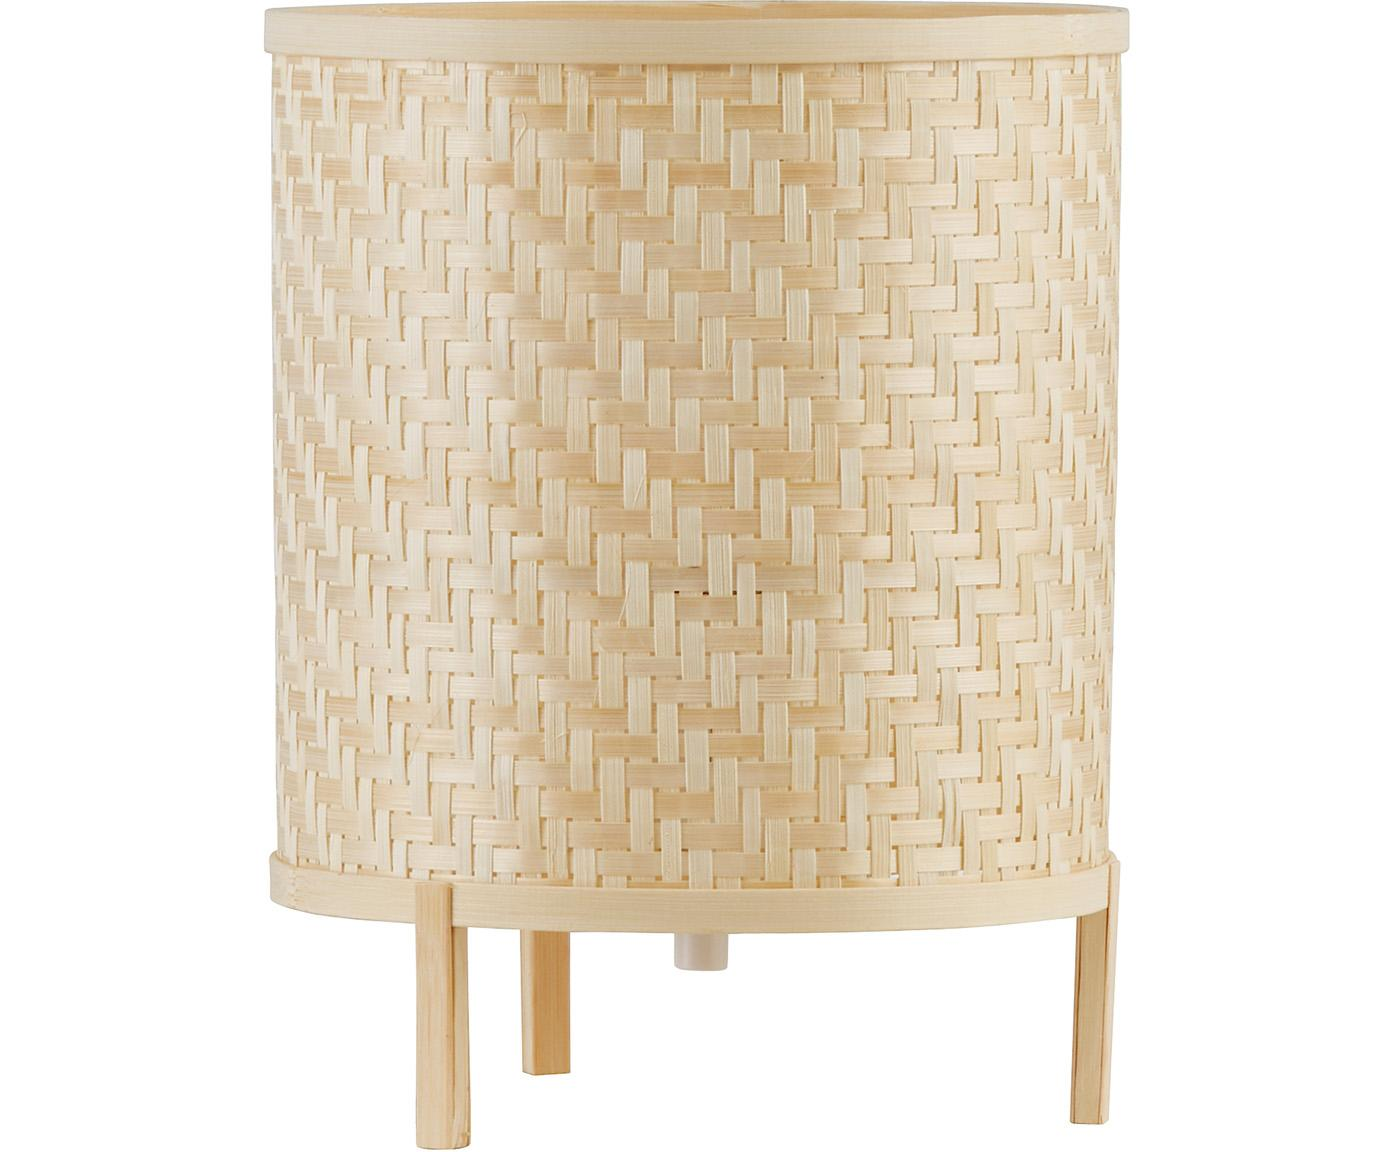 Ethno-Tischlampe Trinidad aus Bambusgeflecht, Lampenschirm: Bambusgeflecht, Lampenfuß: Bambus, Braun, Ø 19 x H 27 cm